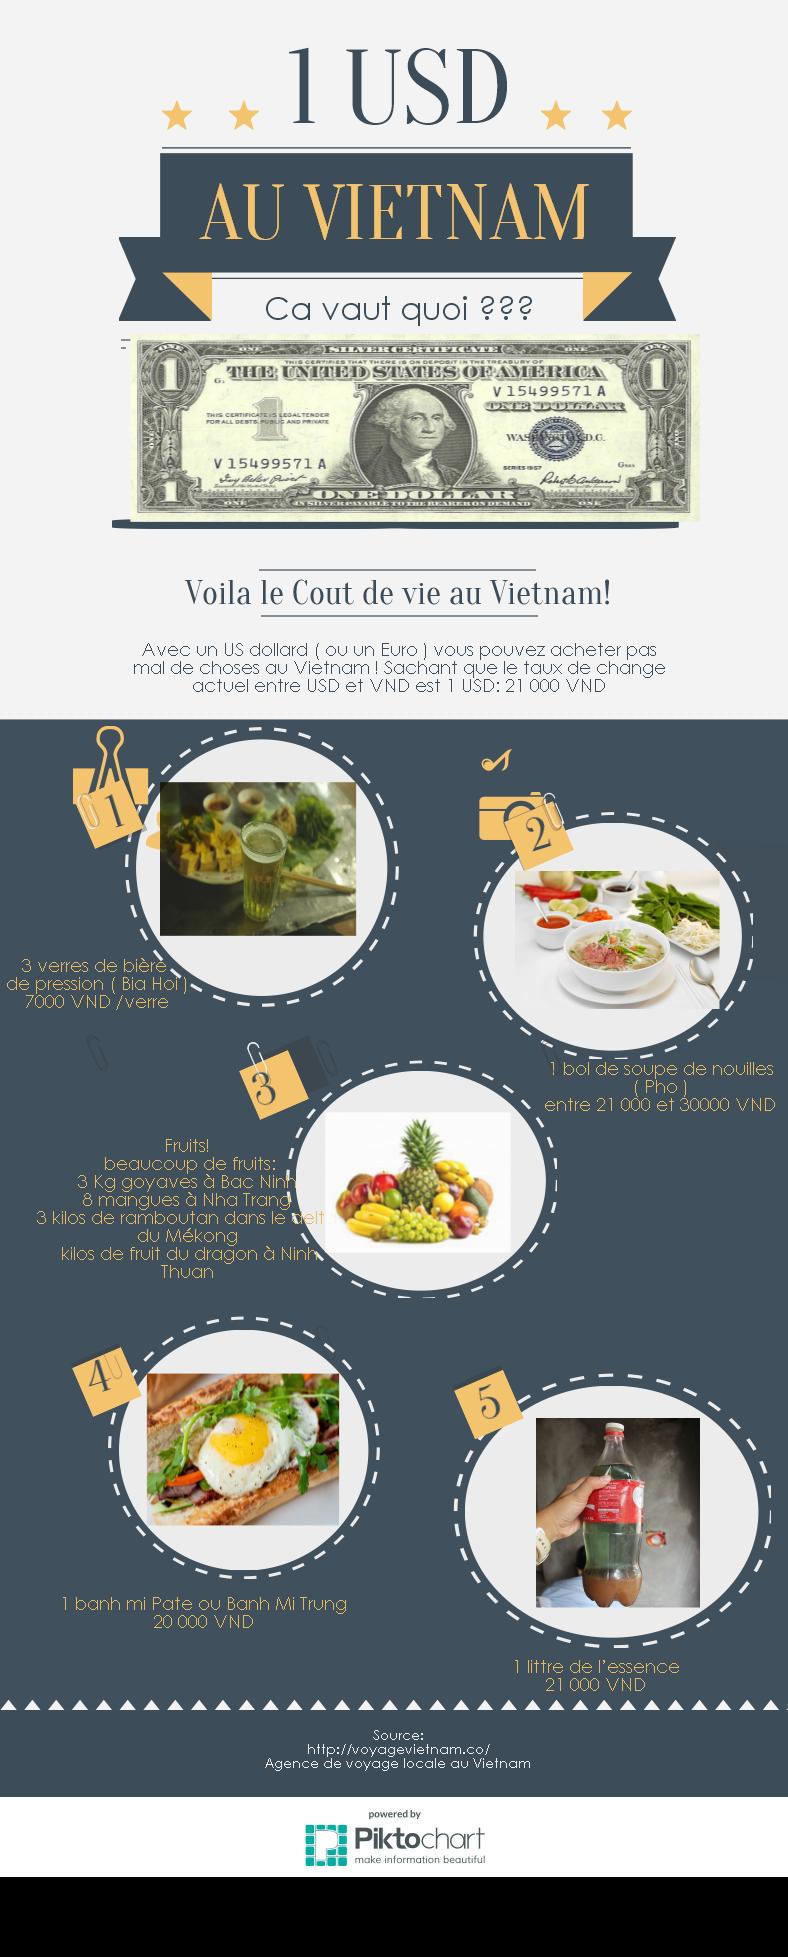 Coût de la vie au Vietnam avec les prix sur place